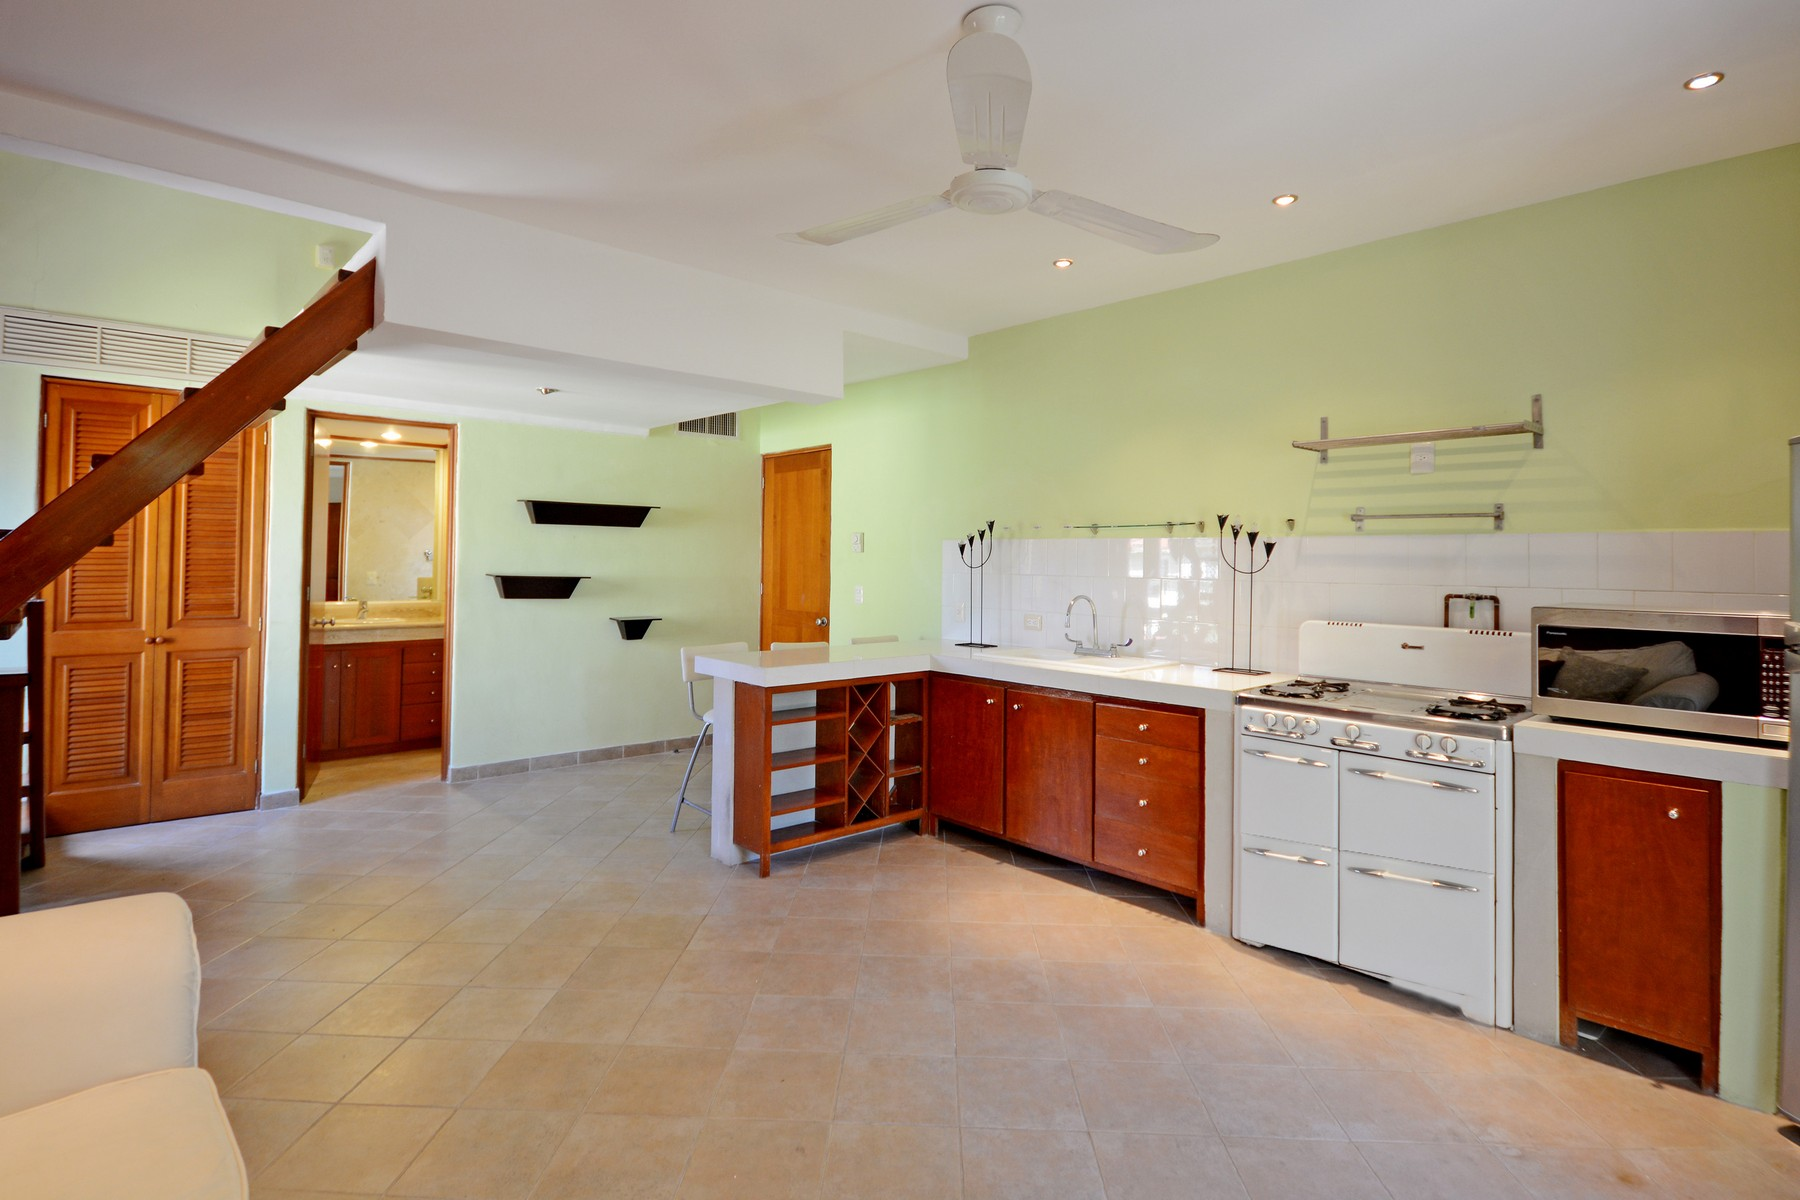 Additional photo for property listing at CASA AMIGOS Avenida Paseo Coba Condominio Hoyo 4, PH #103 Playa Del Carmen, Quintana Roo 77710 Mexico